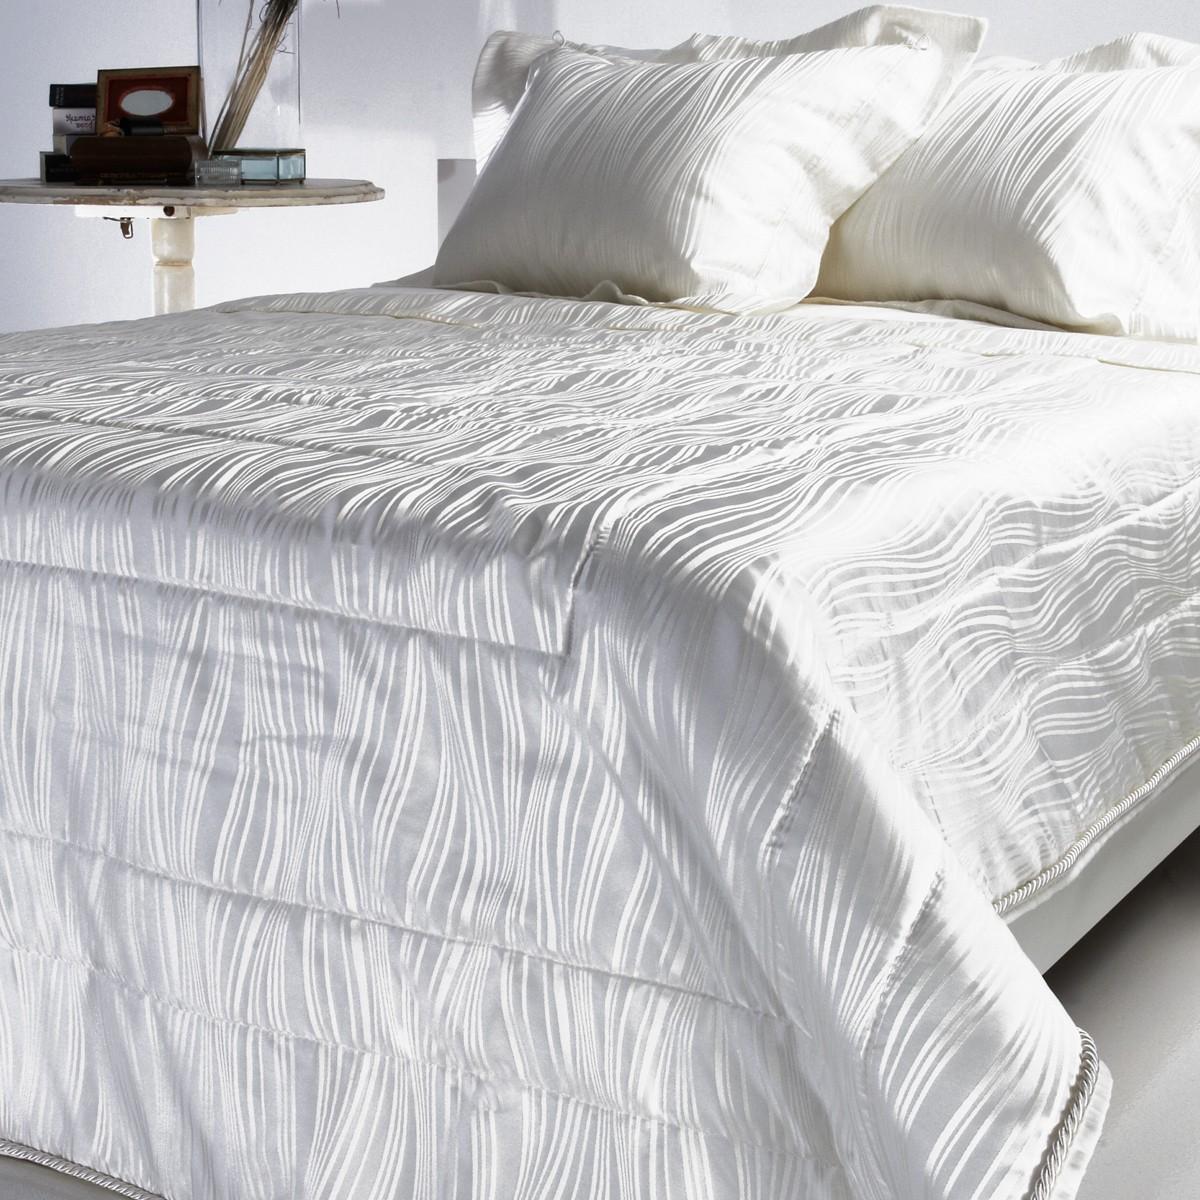 Νυφικά Σεντόνια (Σετ) Sb Concept Loom White